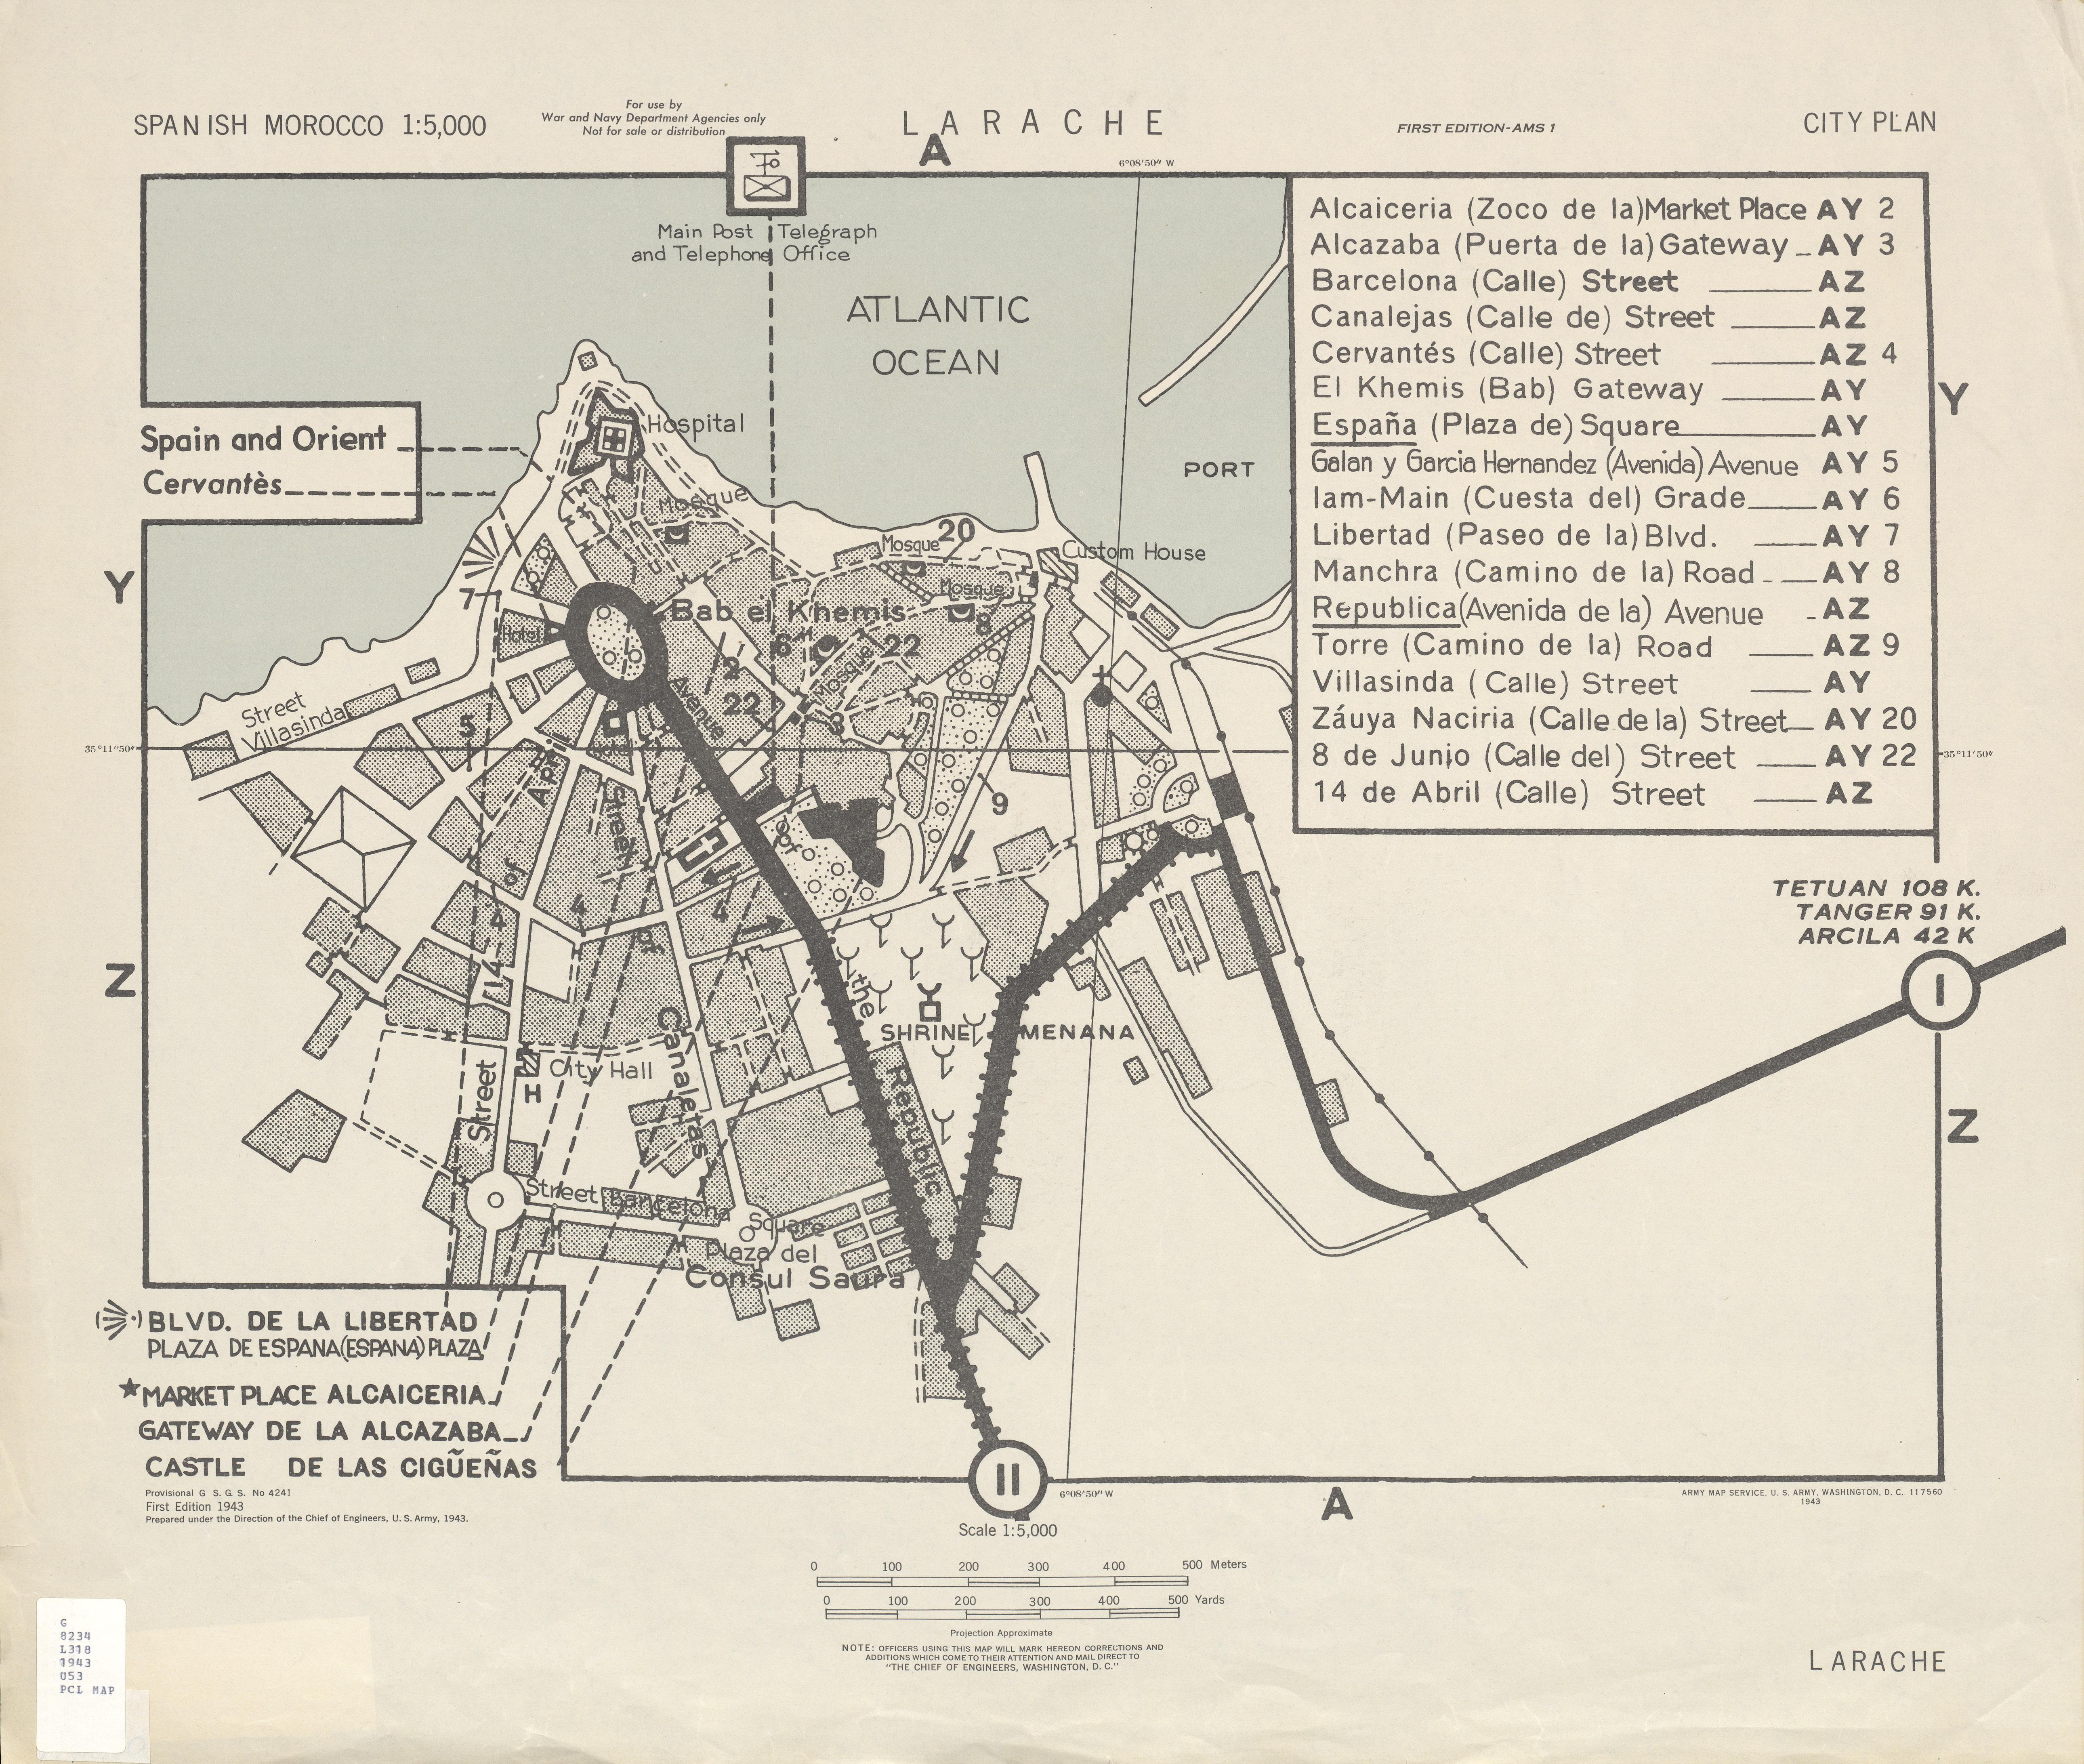 Mapa de la Ciudad de Larache, Marruecos 1943